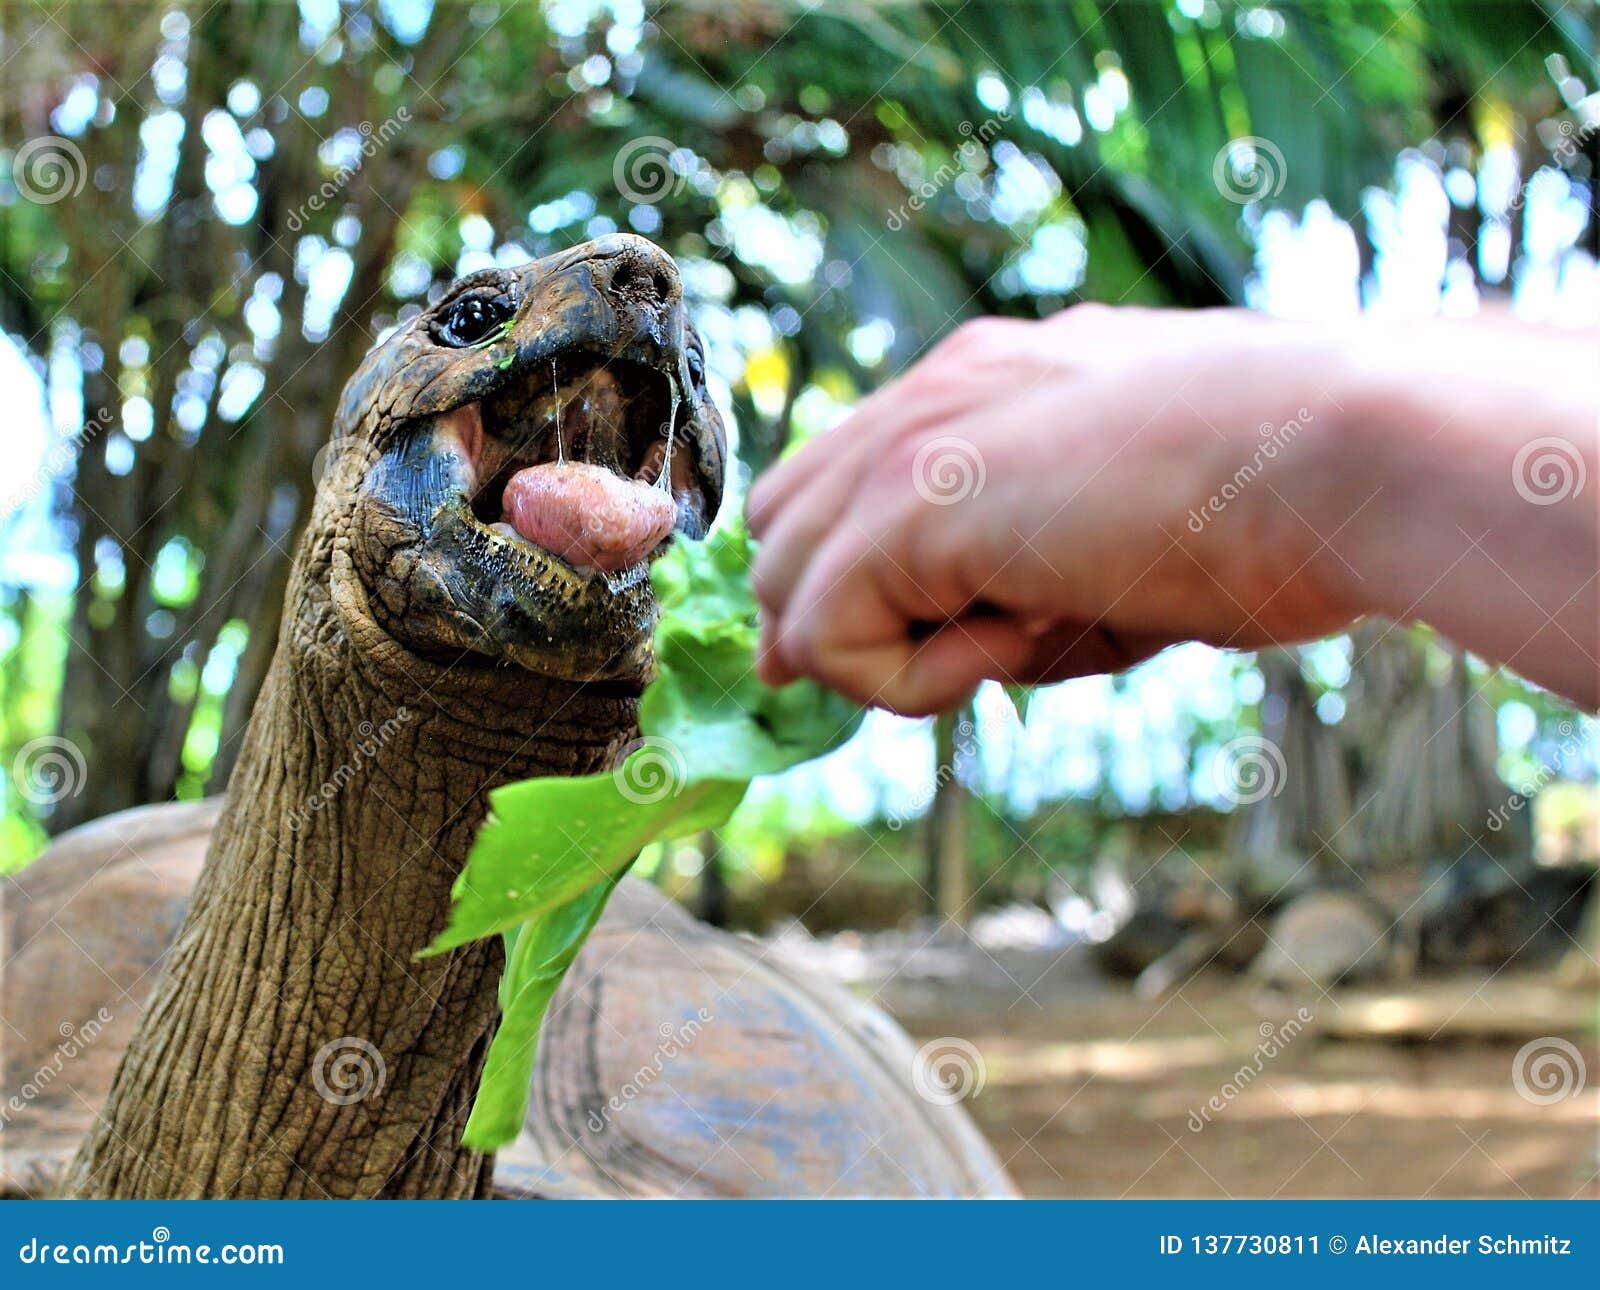 Fütterung einer Schildkröte im Vanillenaturpark auf Mauritius-Insel